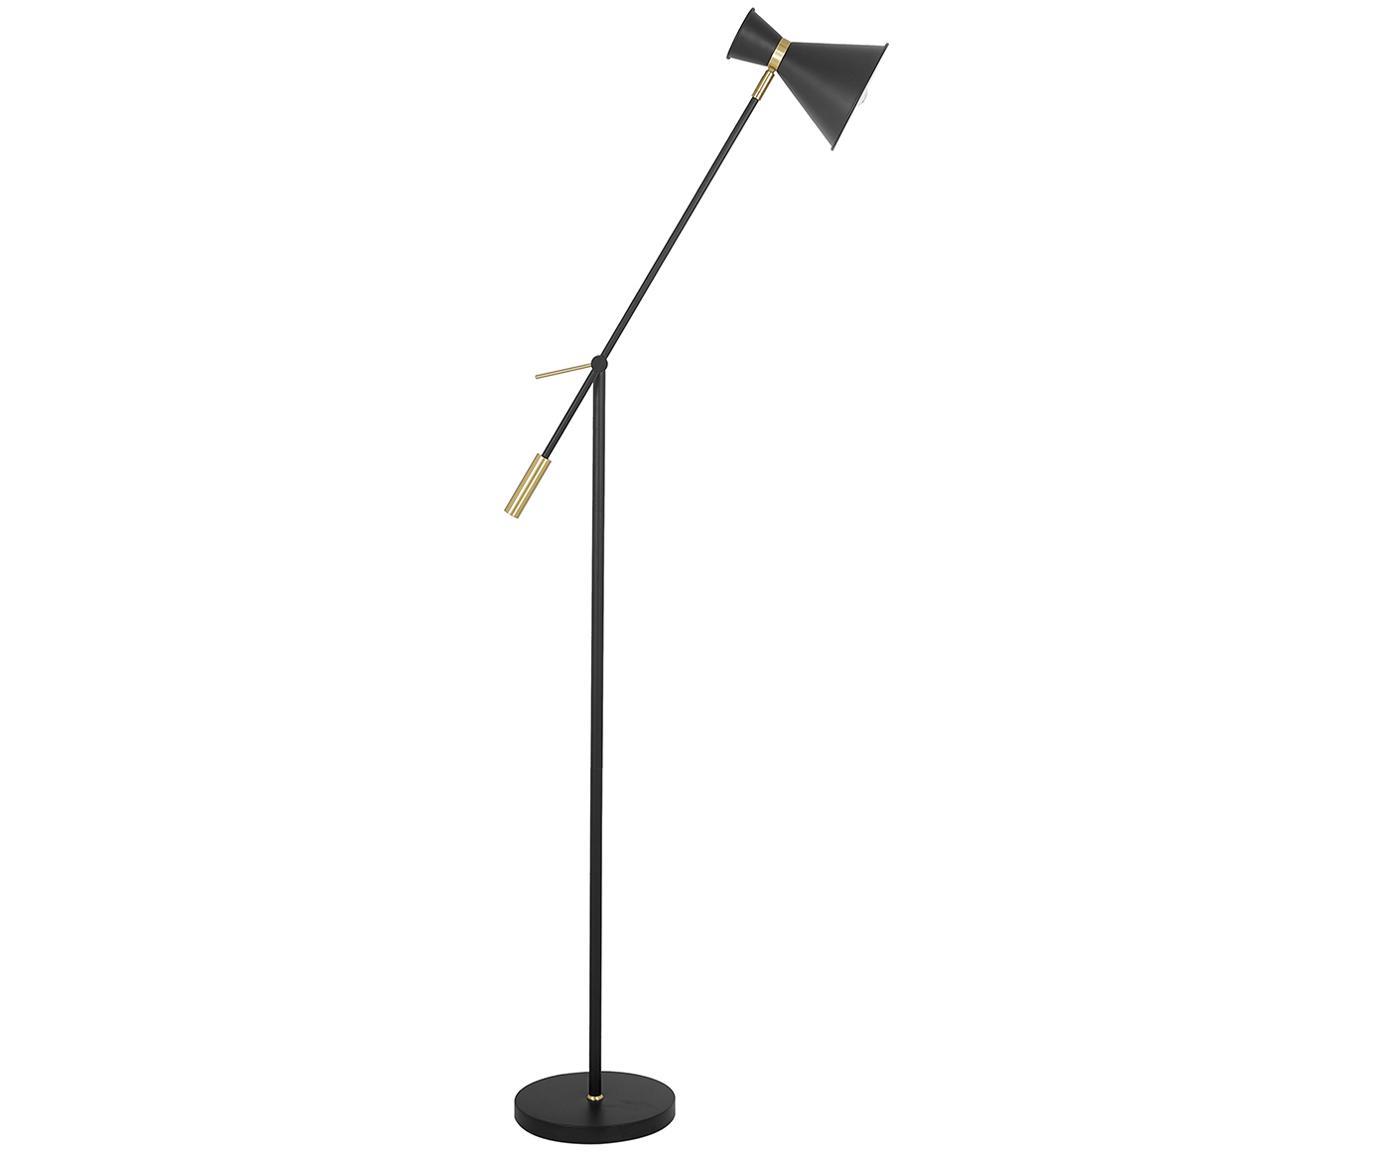 Lampada da terra stile nordico Audrey, Paralume: Metallo verniciato a polv, Base della lampada: Metallo verniciato a polv, Nero opaco, Ø 18 x Alt. 145 cm